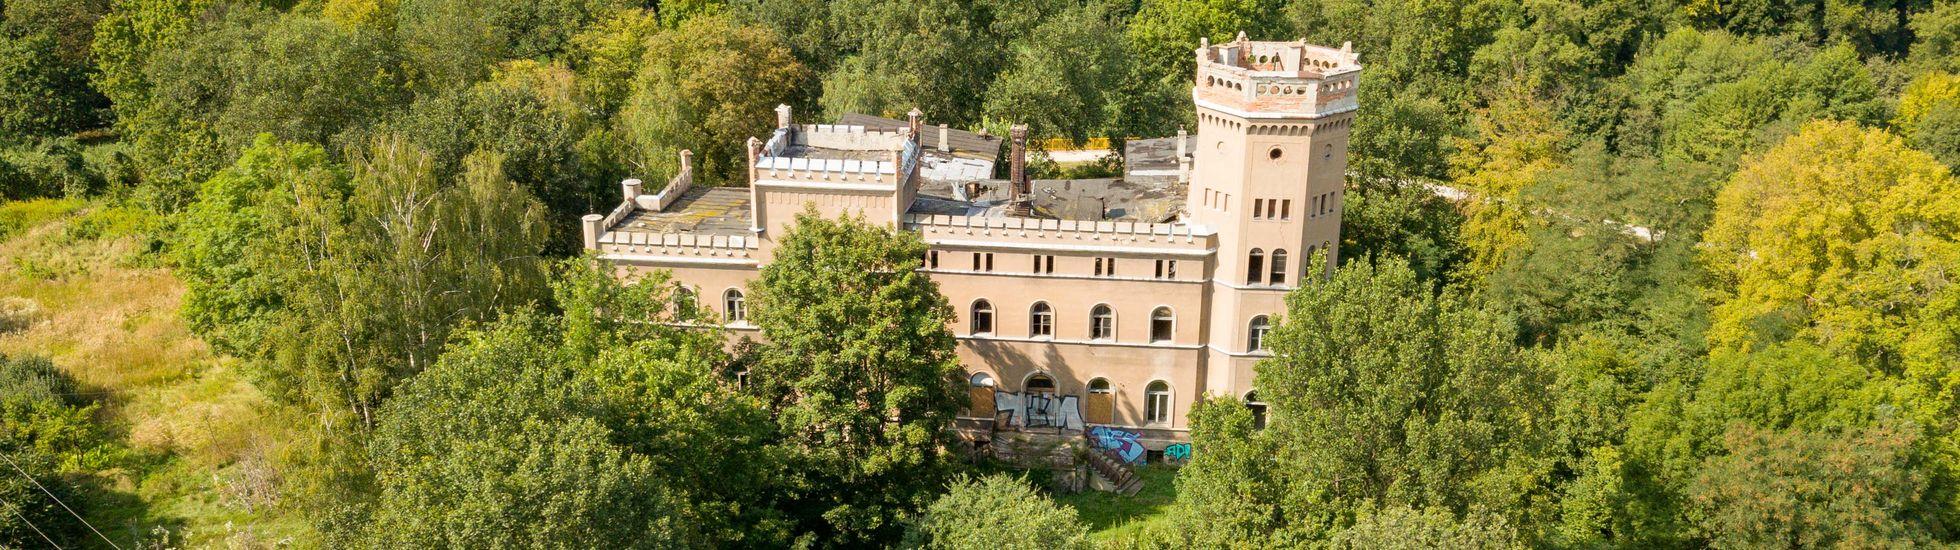 Wrocław: Zabytkowy pałac Stolbergów do kupienia. Jest wart miliony